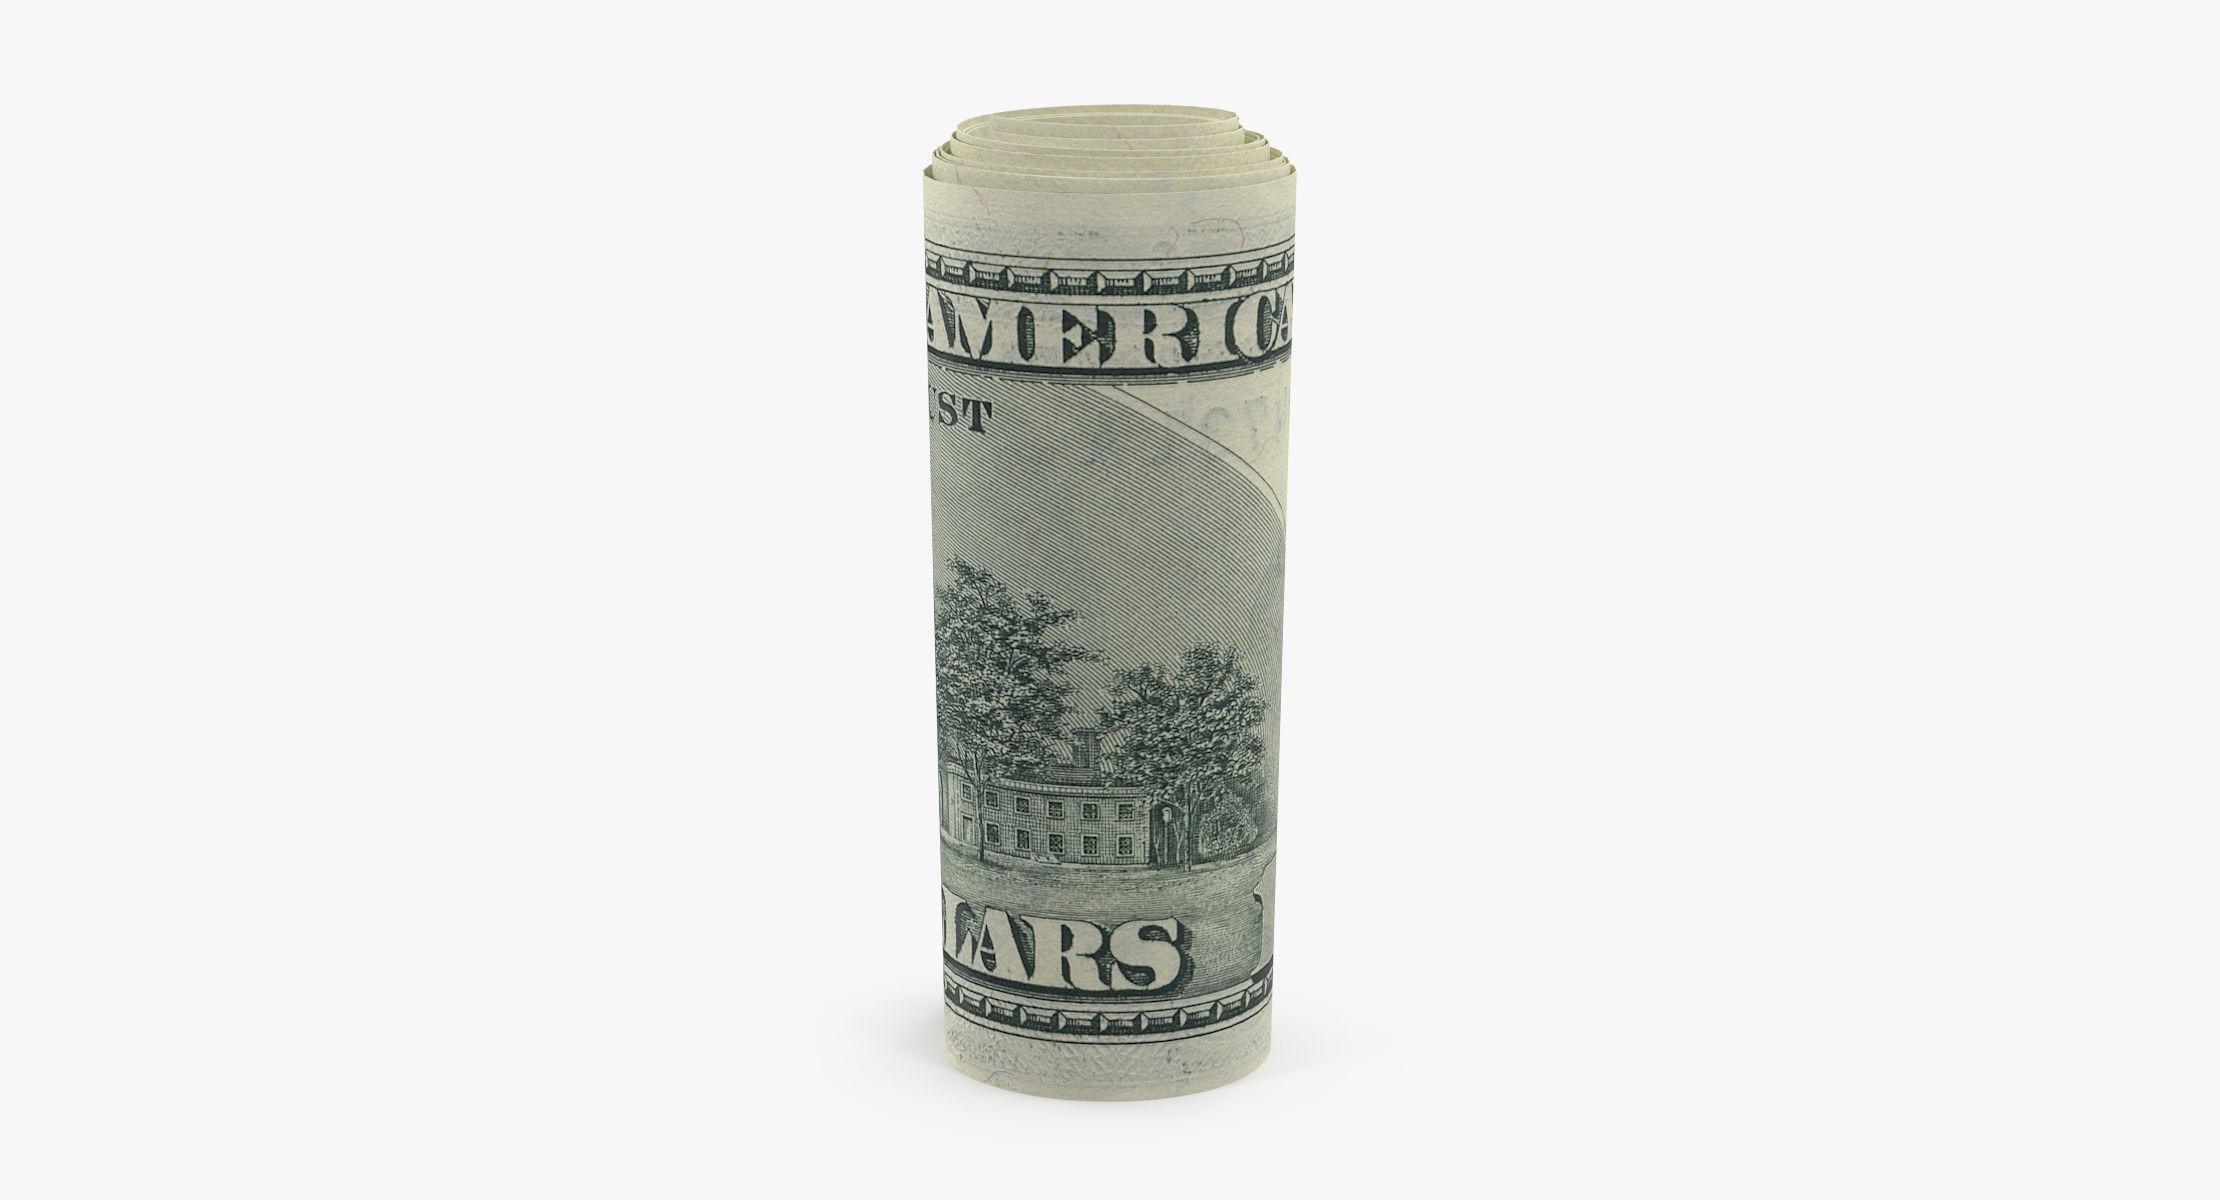 Roll of 100 Dollar Bills 02 - reel 1